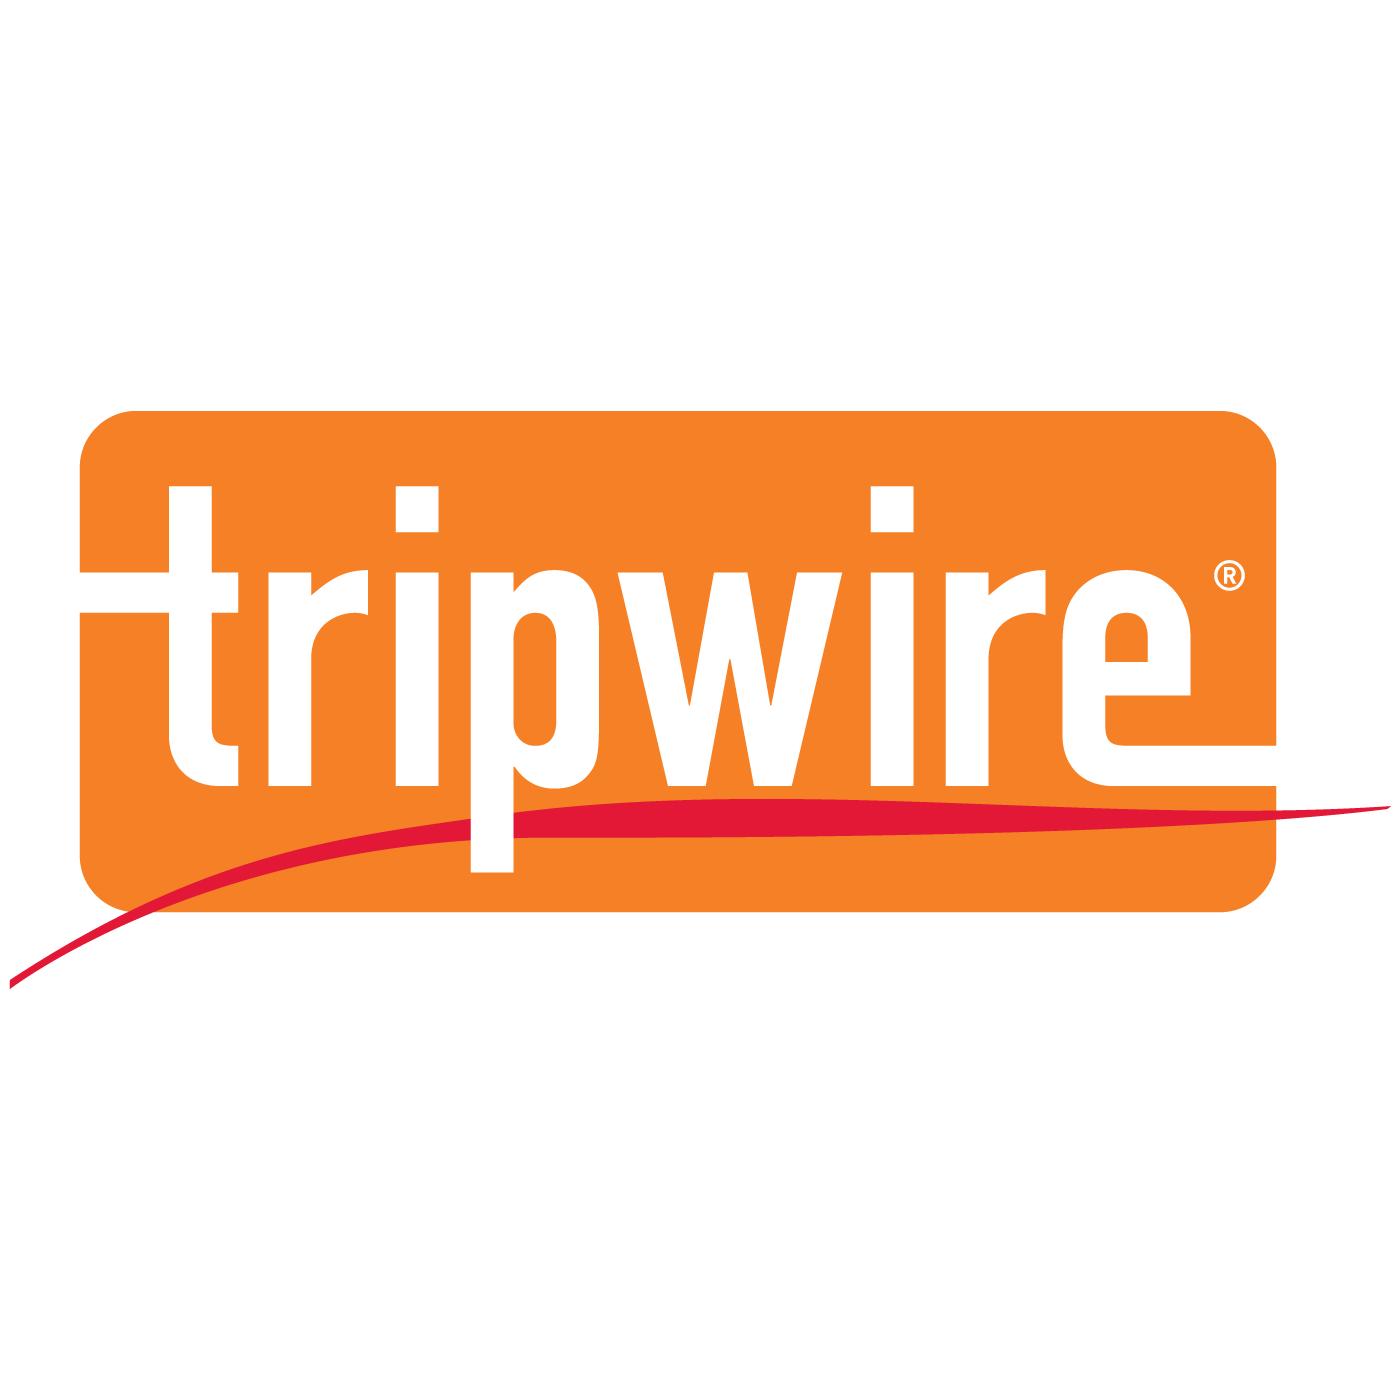 tripwire-logo-1400.png